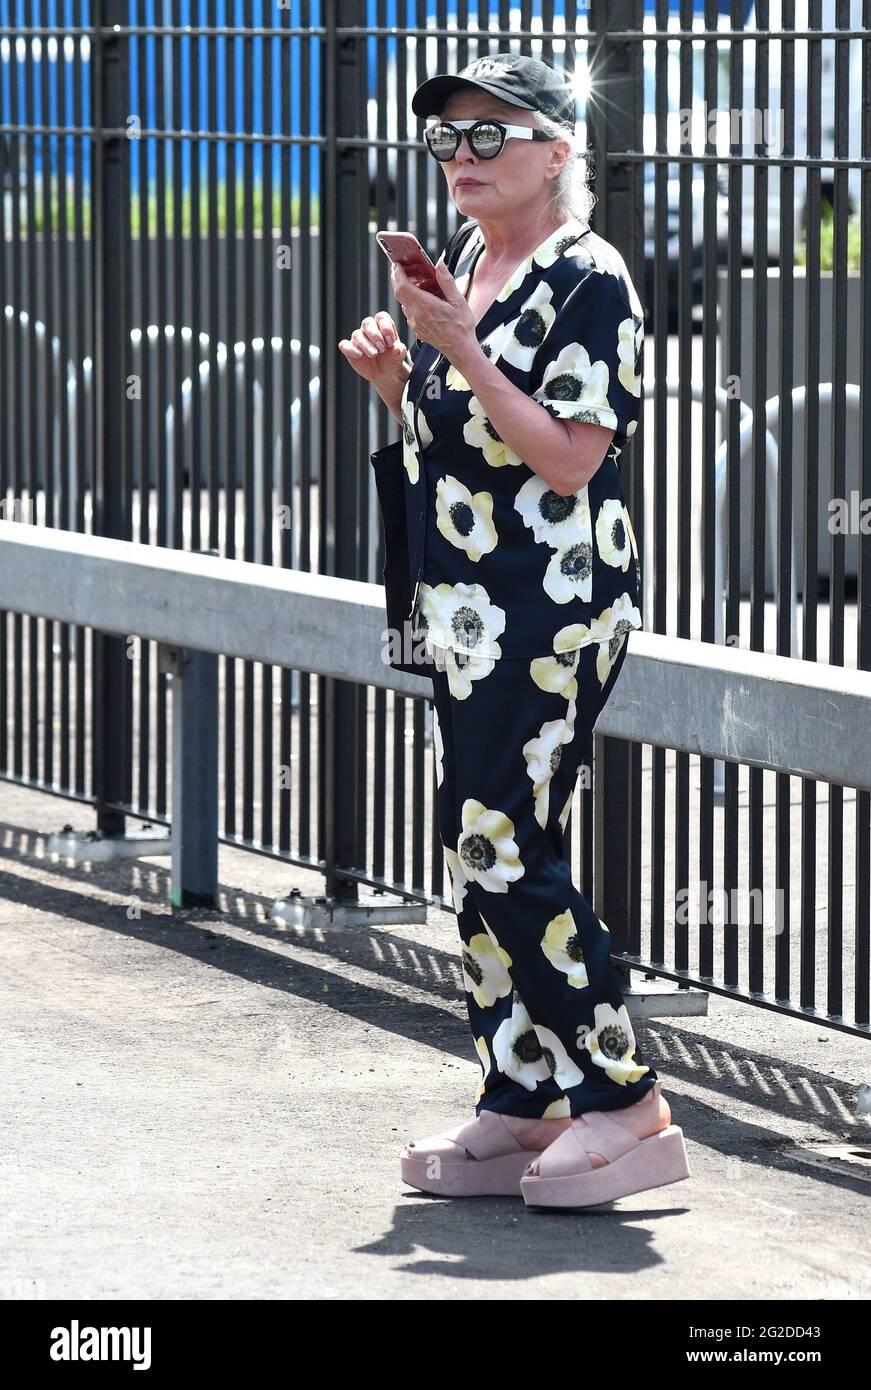 New York, NY, États-Unis. 9 juin 2021. Debbie Harry aux arrivées du Tribeca Festival déjeuner de bienvenue - 2021 Tribeca Festival, Pier 76, New York, NY 9 juin 2021. Crédit : Kristin Callahan/Everett Collection/Alay Live News Banque D'Images